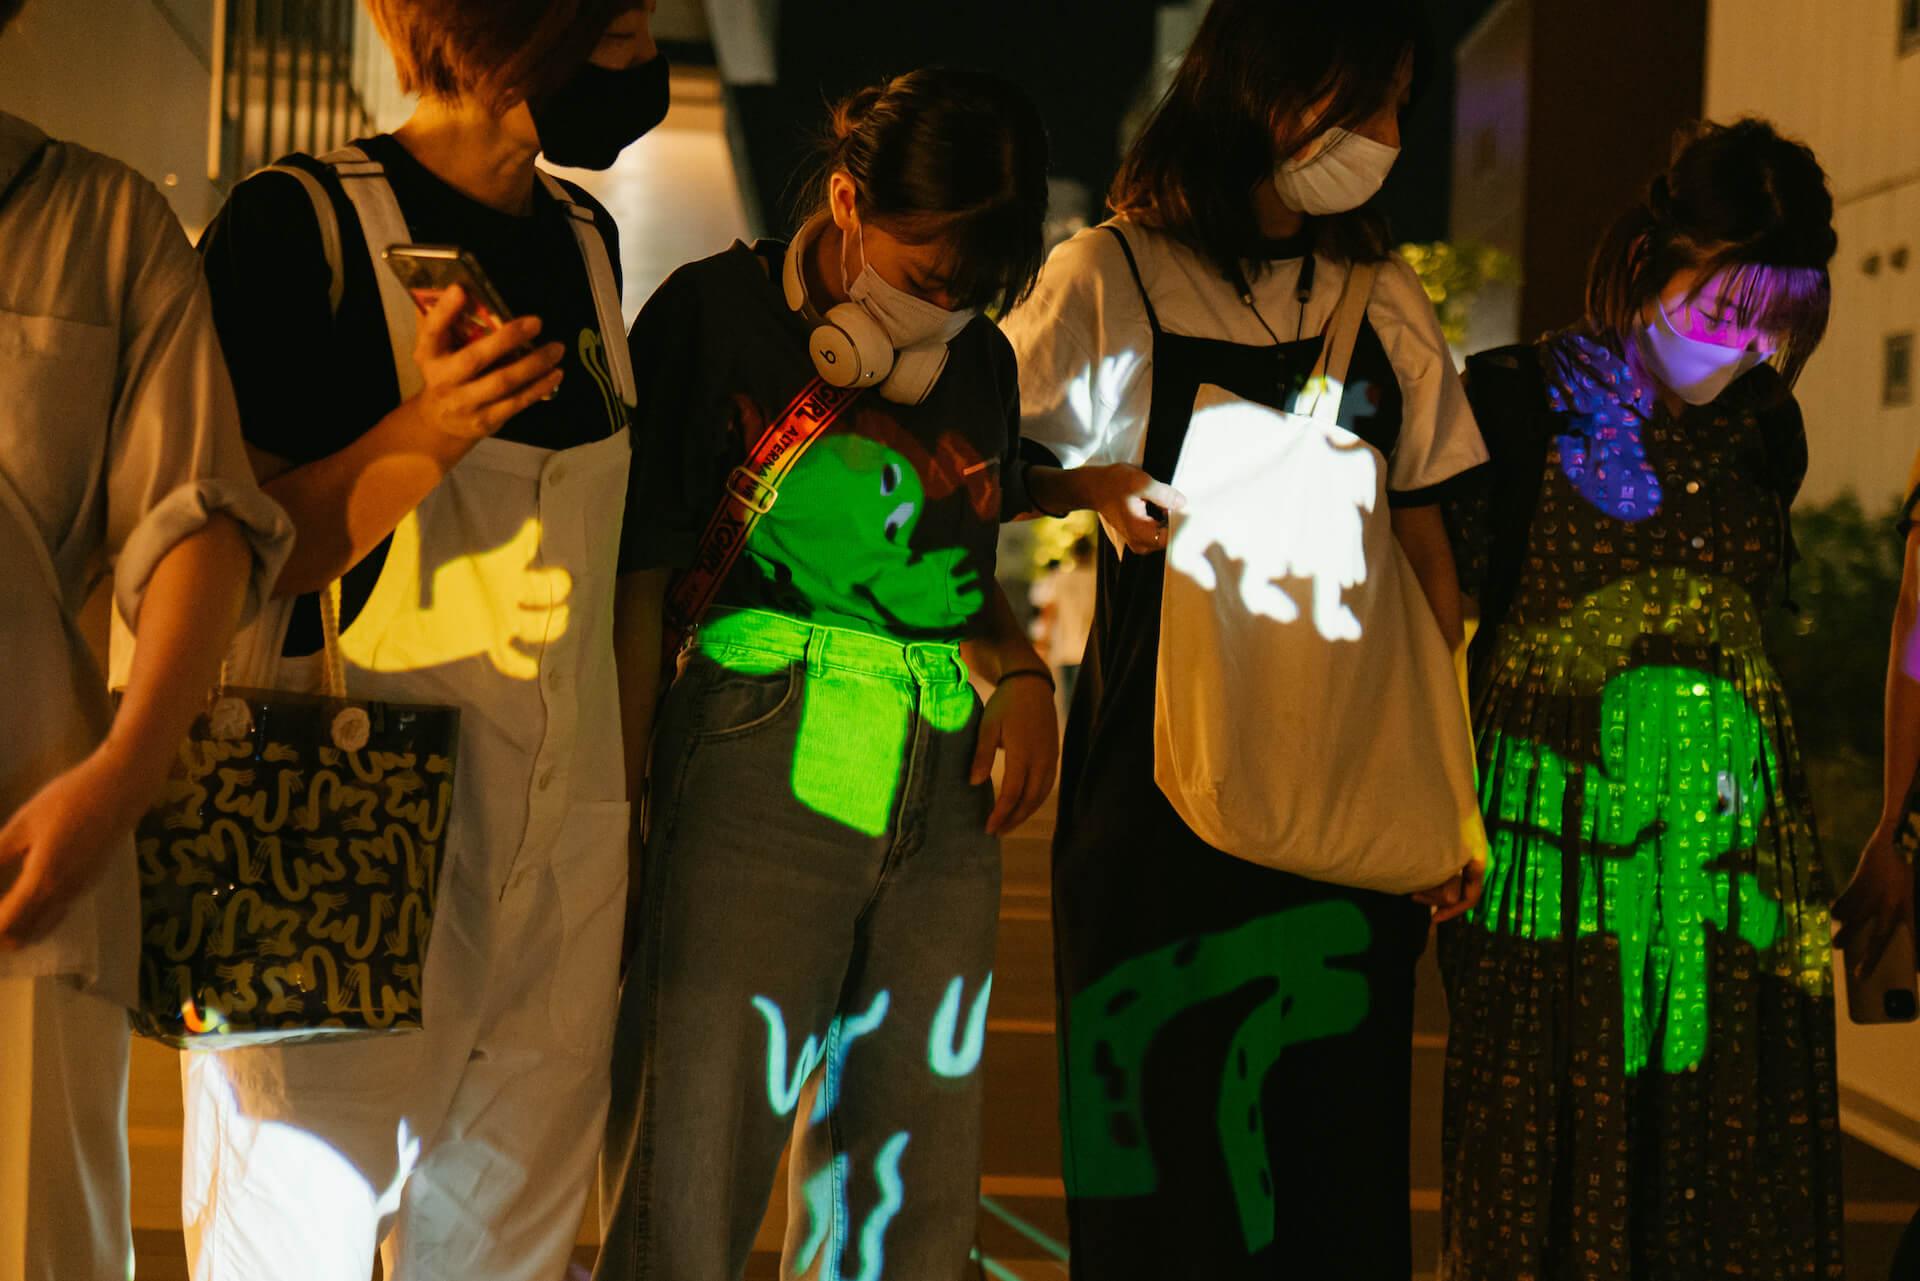 Keeenue × MAPP_ × ヒカリエデッキ|渋谷の夕景を彩るライブパフォーマンス column210802_mapp_your_world-010